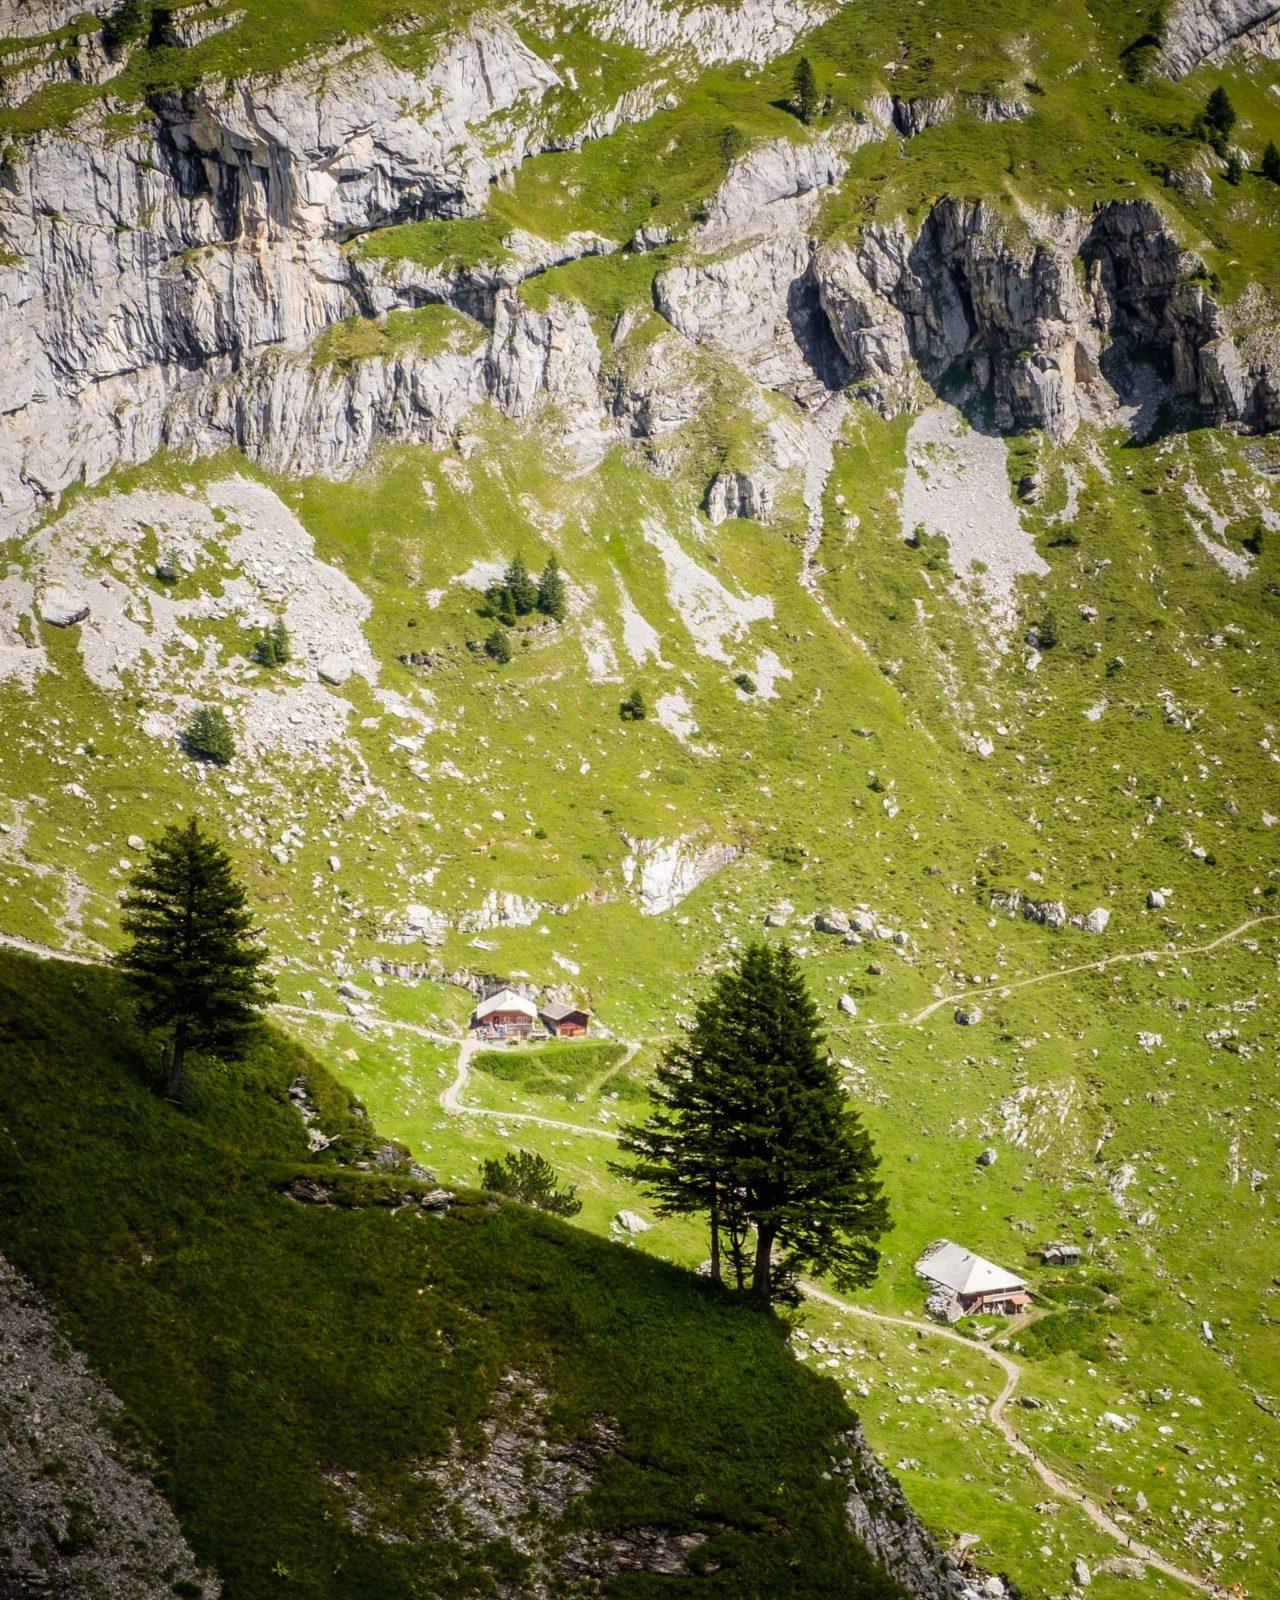 Heuberg, Oeschinensee, Switzerland